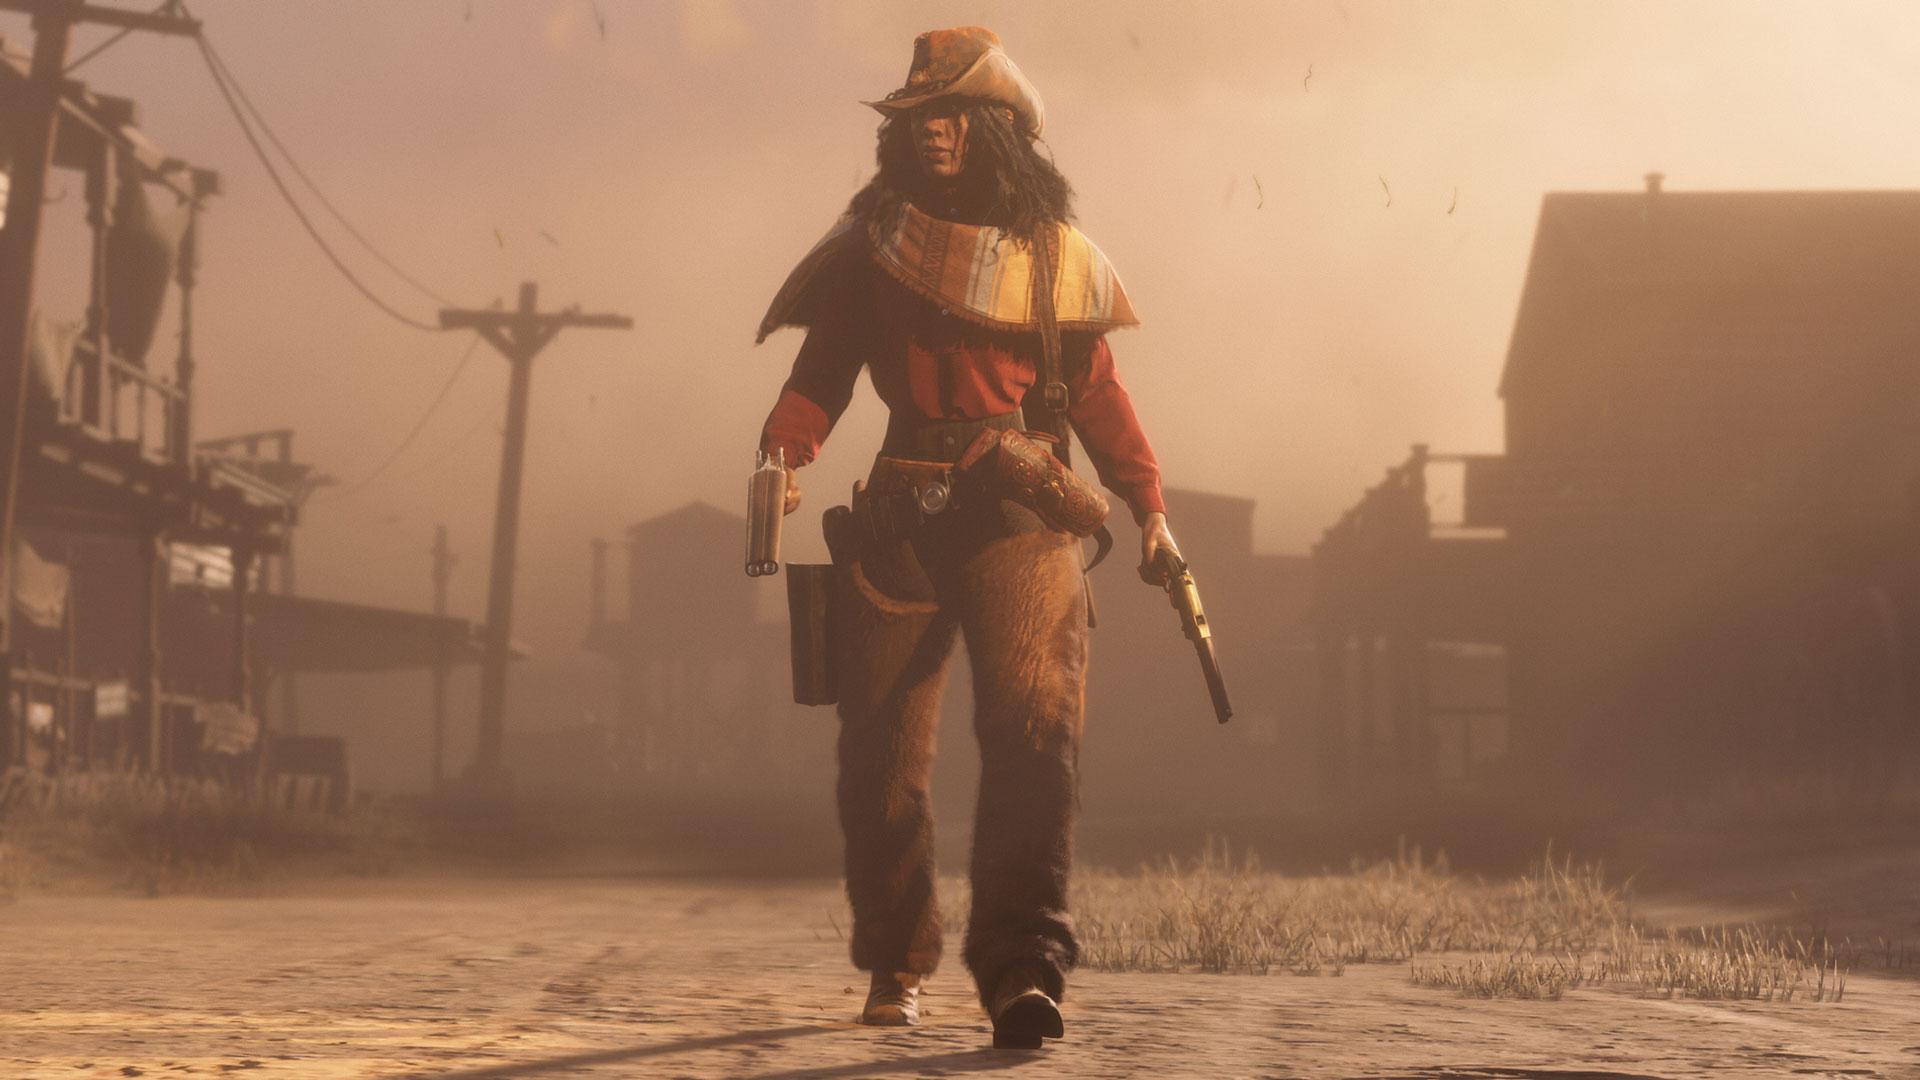 آپدیت بزرگ بازی رد دد آنلاین - Red Dead Online